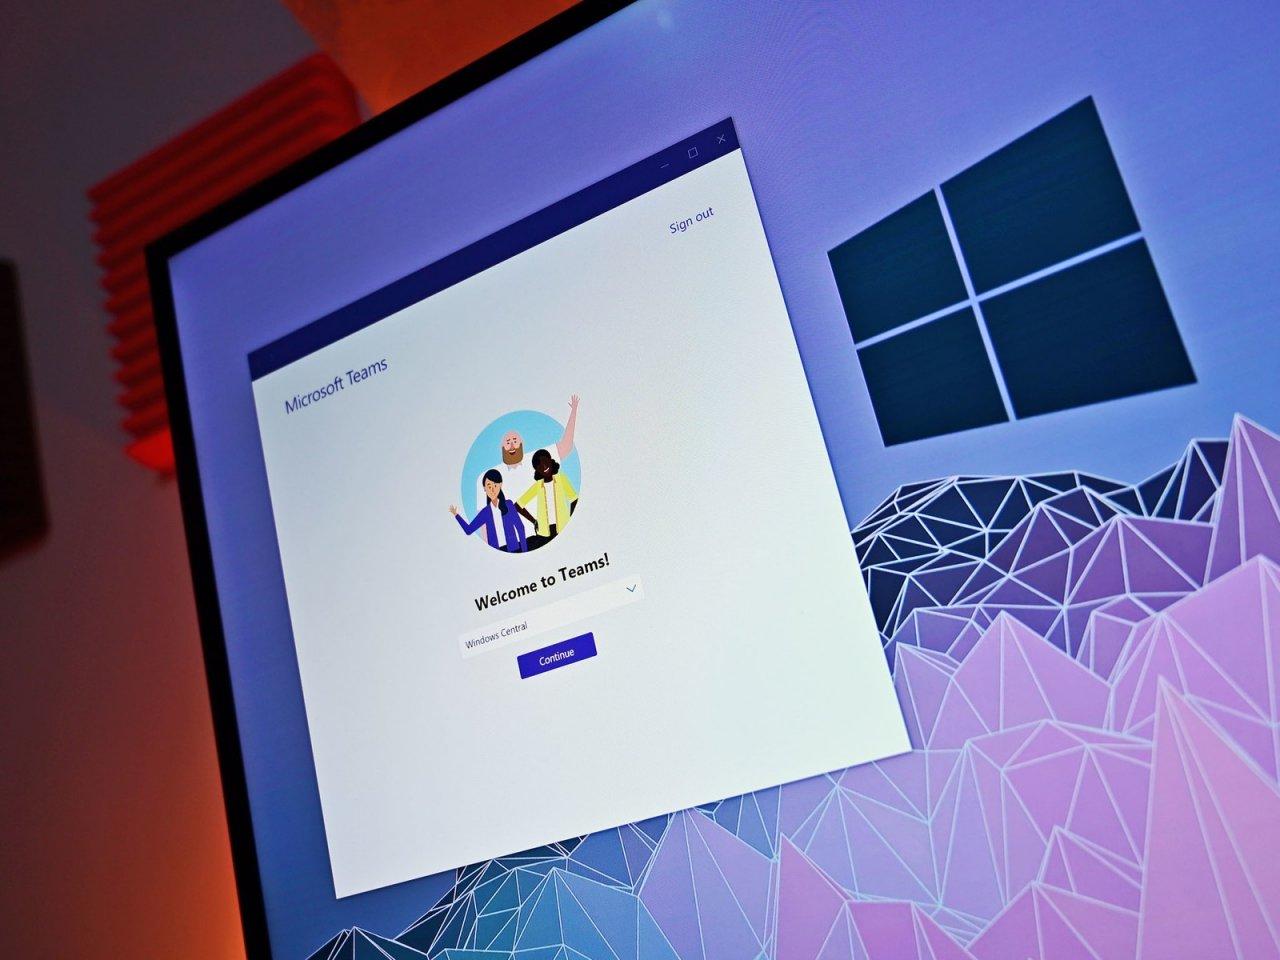 Число ежедневных активных пользователей Microsoft Teams превысило 75 миллионов